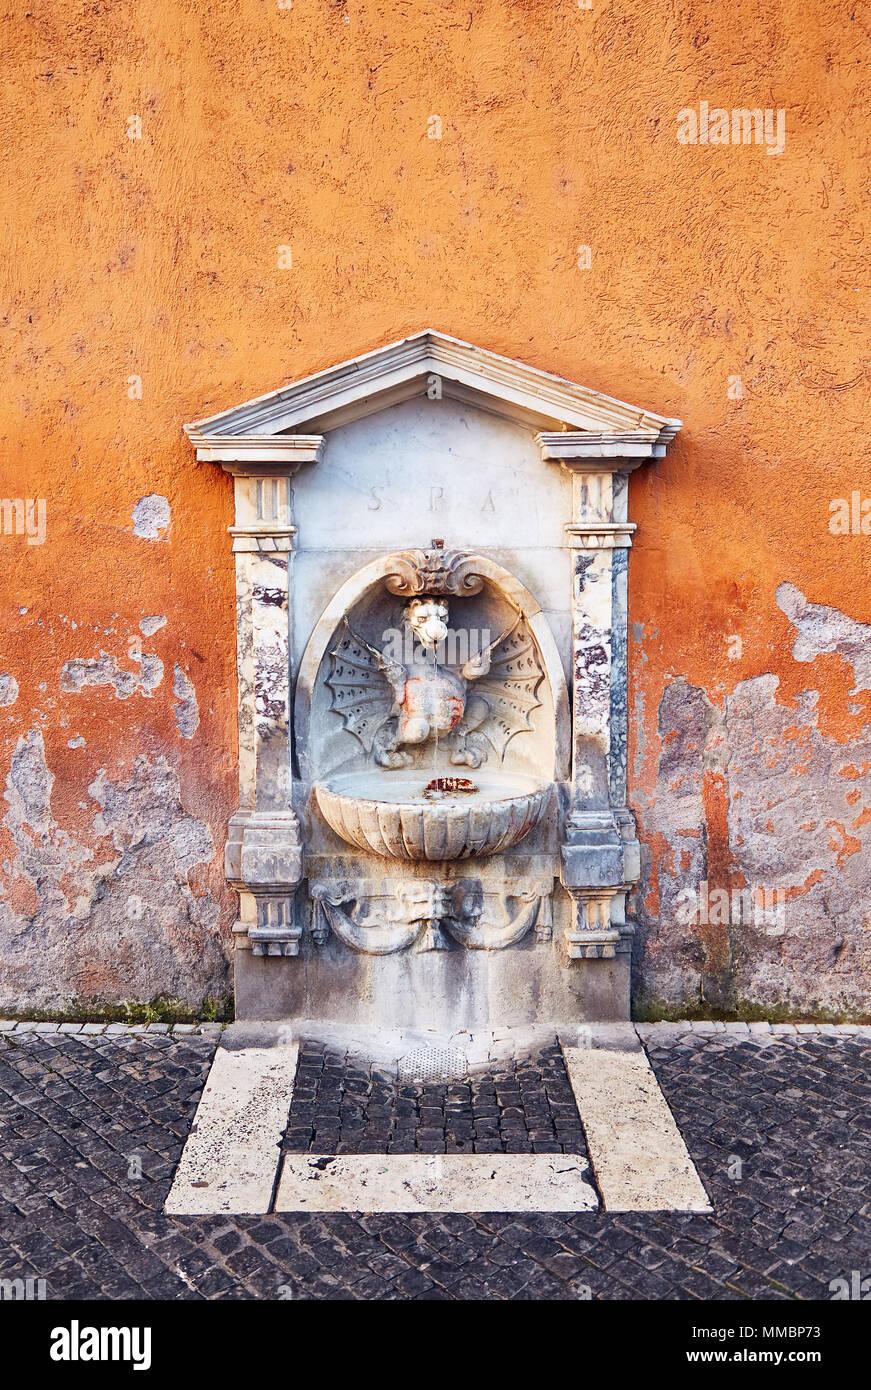 Hyggelig Kleine Trinkbrunnen mit Skulptur und Stein Dekor in schäbigen CW-27